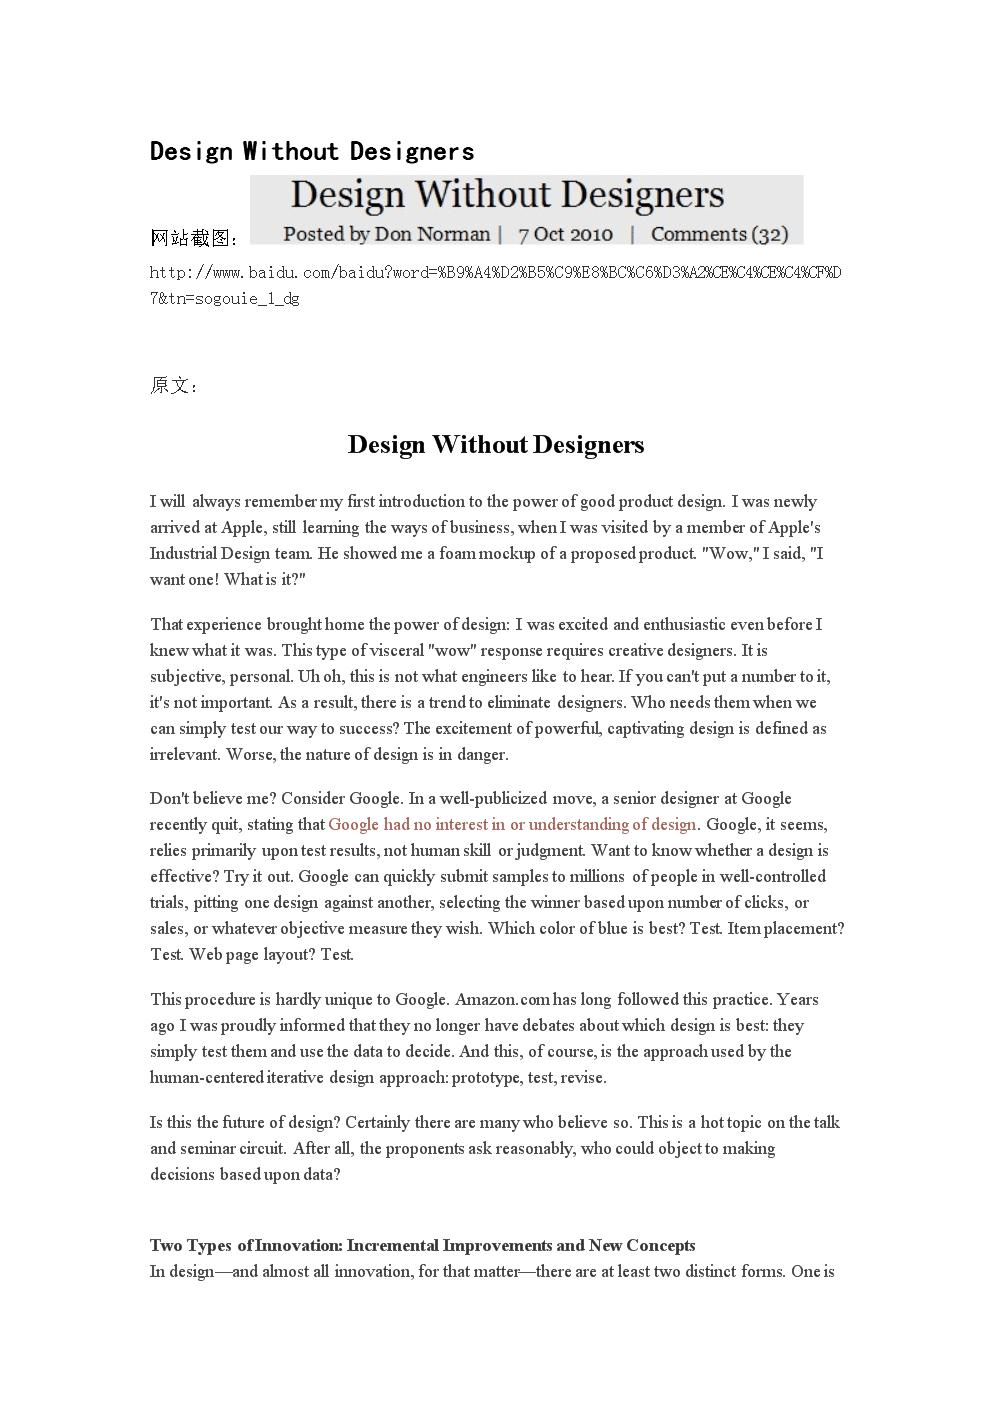 《工业设计_外文翻译--不需要设计师的设计论文》-毕业设计(论文).doc